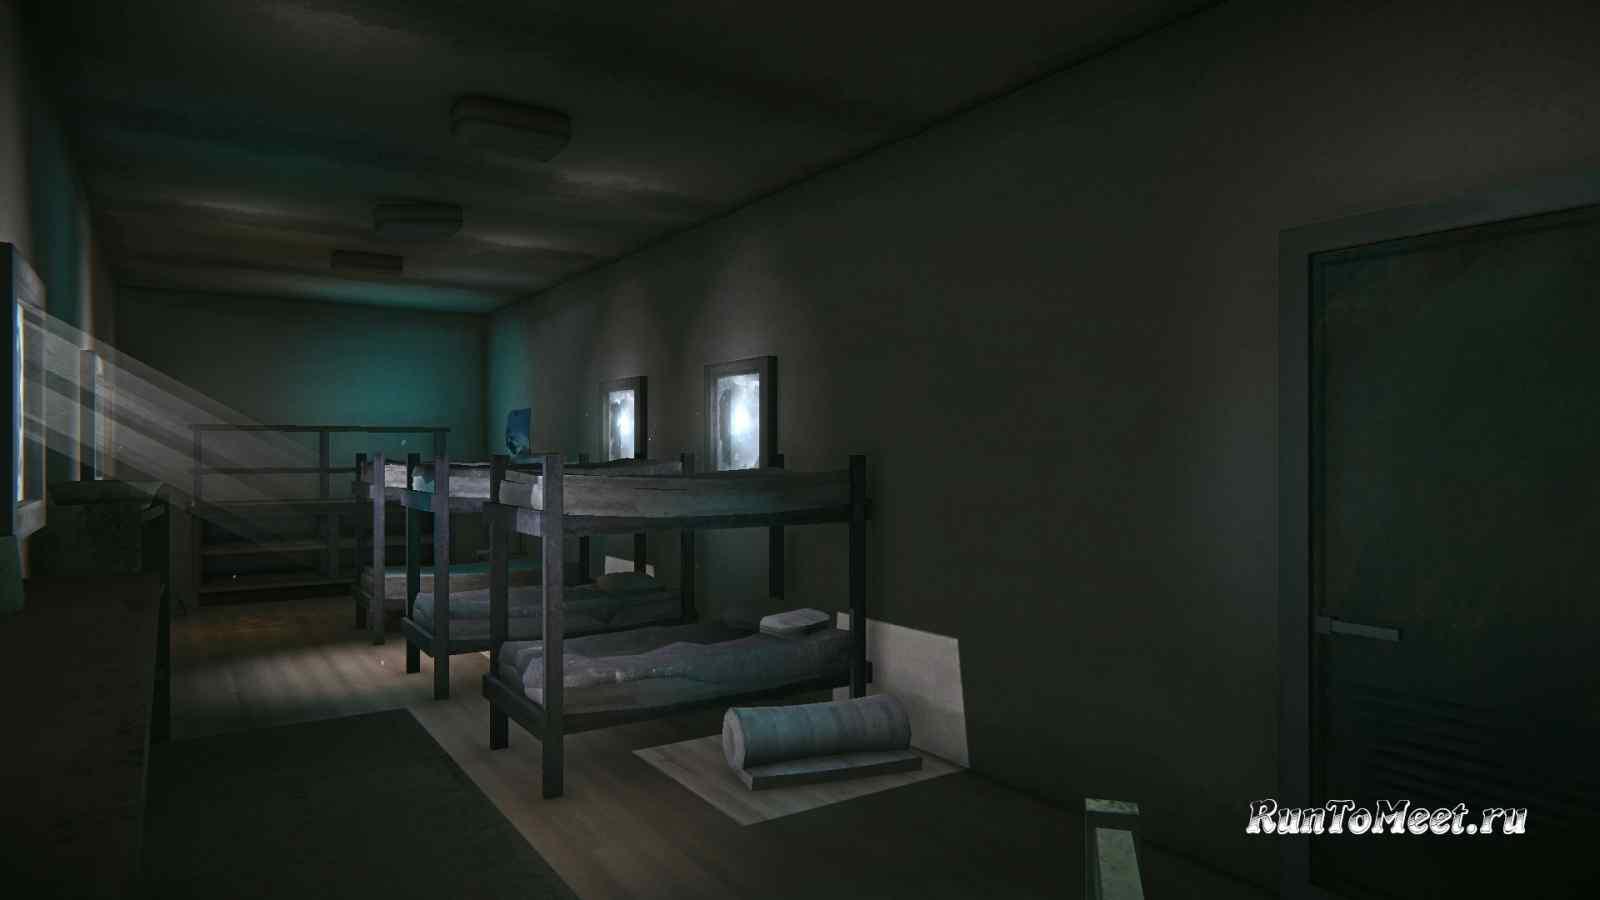 Интерьер первого вагончика, возле завода, на Бледной бухте, в игре The long dark